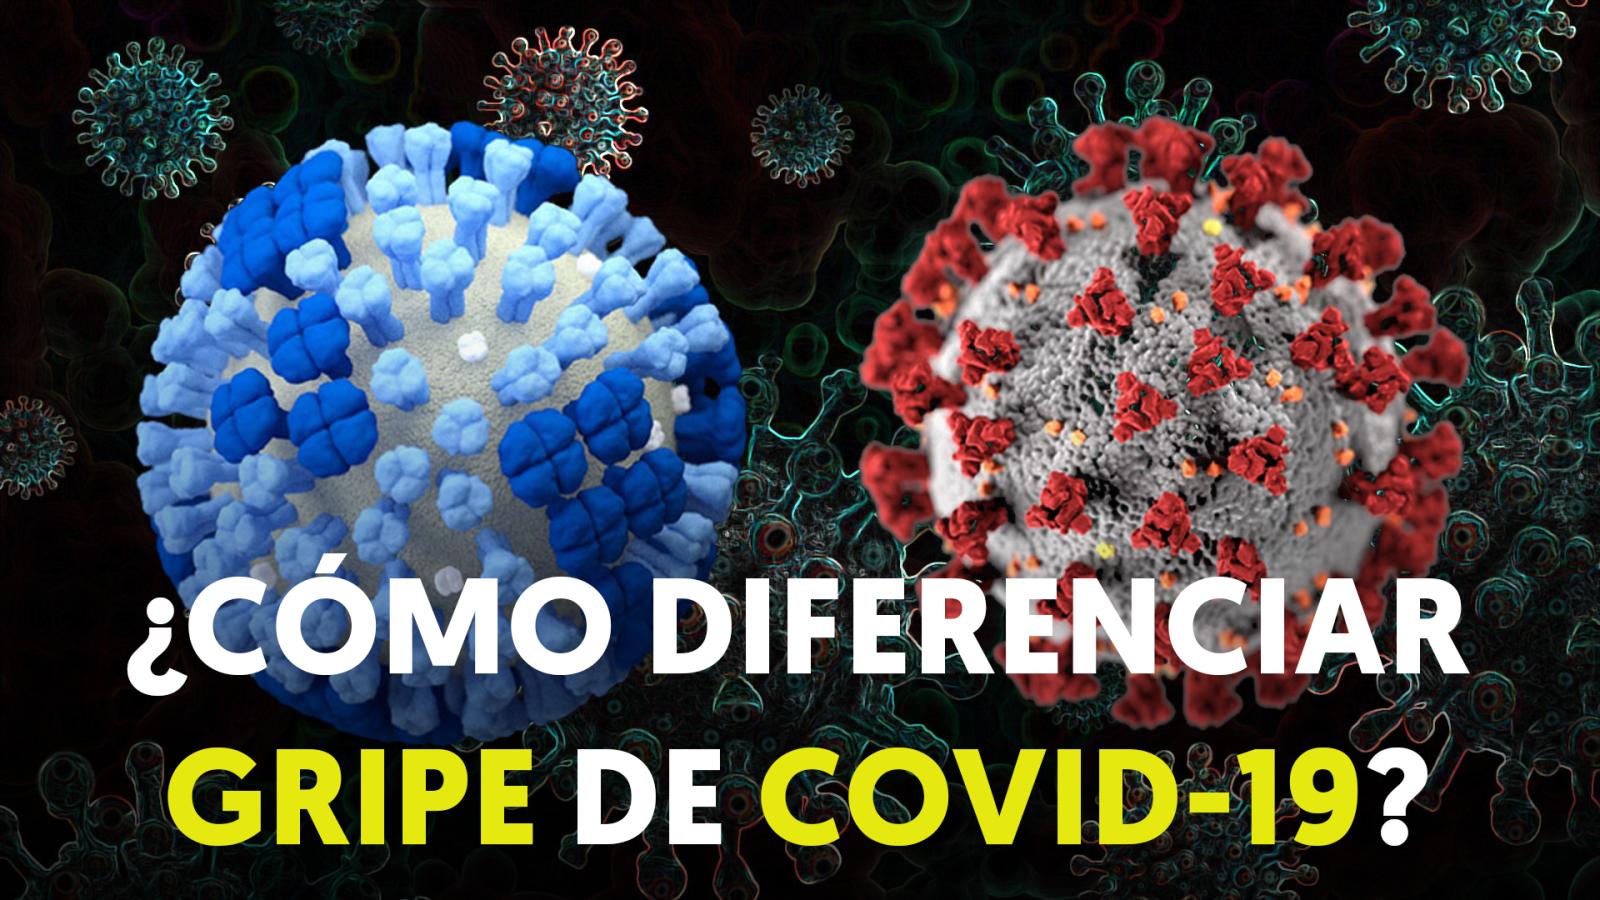 ¿Cómo diferenciar gripe y COVID-19?